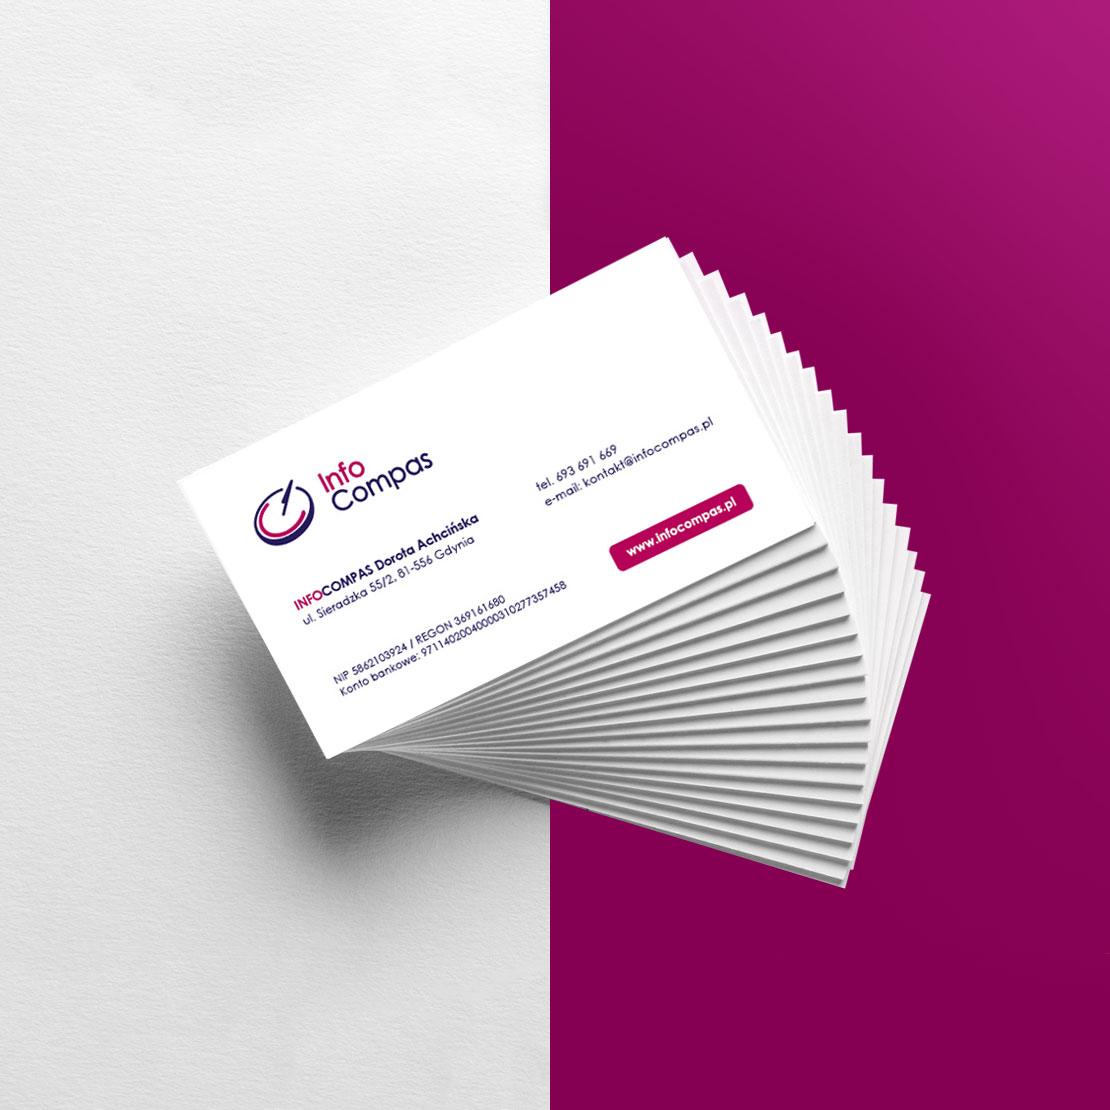 projekt wizytówki dla firmy infoCompas